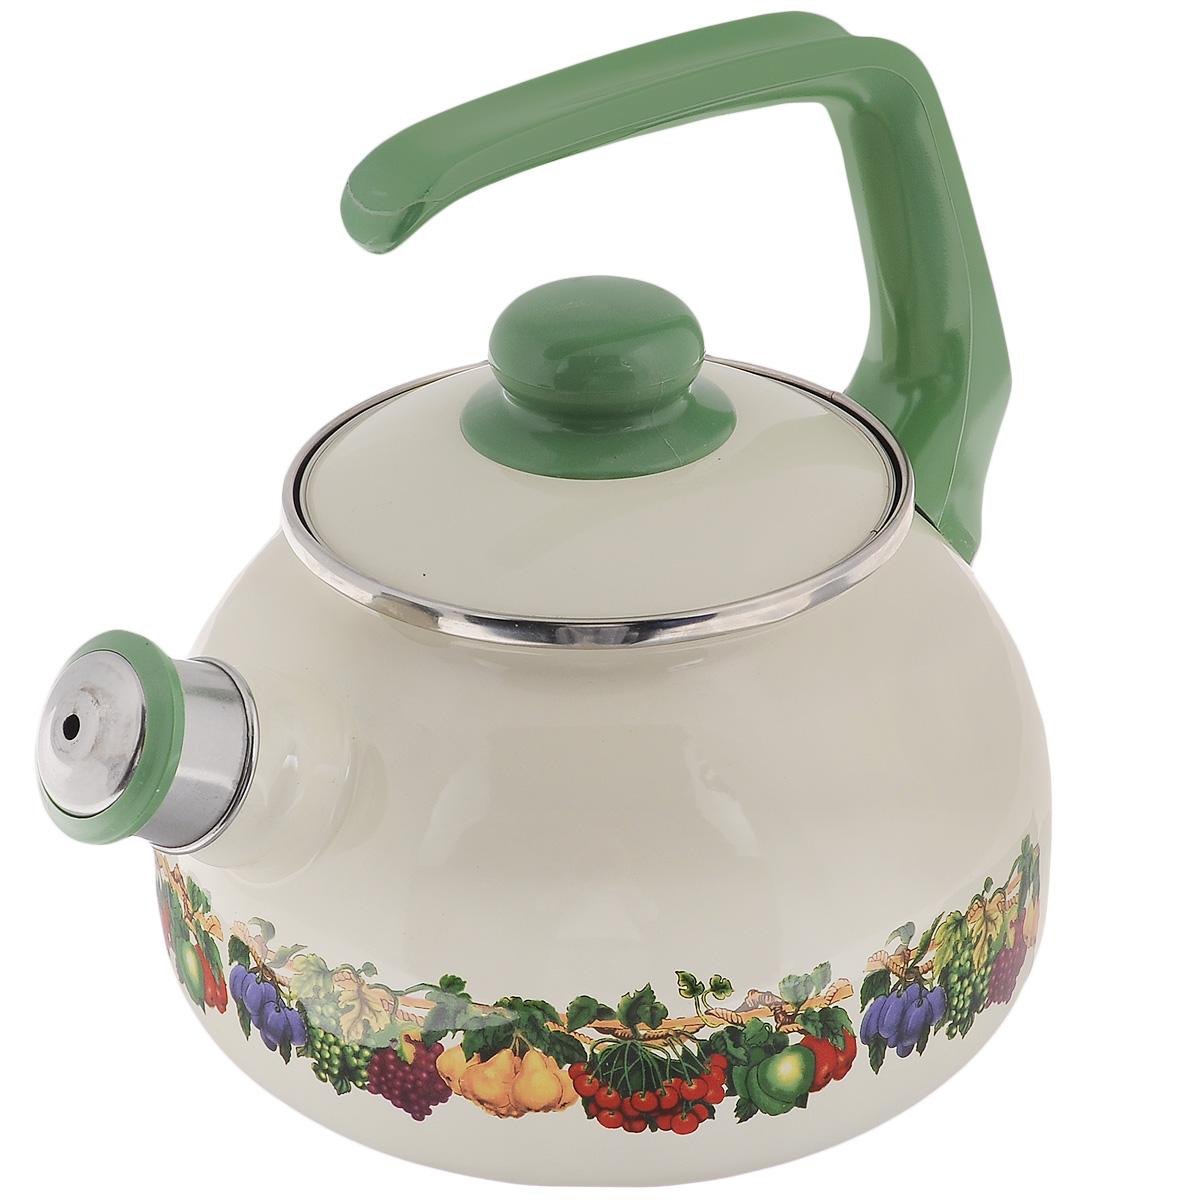 Чайник Metrot Фруктовый сад, со свистком, 2,5 л107112Чайник Metrot Фруктовый сад выполнен из высококачественной стали, что обеспечивает долговечность использования. Внешнее цветное эмалевое покрытие придает приятный внешний вид. Бакелитовая фиксированная ручка делает использование чайника очень удобным и безопасным. Чайник снабжен съемным свистком.Можно мыть в посудомоечной машине. Пригоден для всех видов плит, включая индукционные.Высота чайника (без учета крышки и ручки): 13 см. Диаметр (по верхнему краю): 13 см.